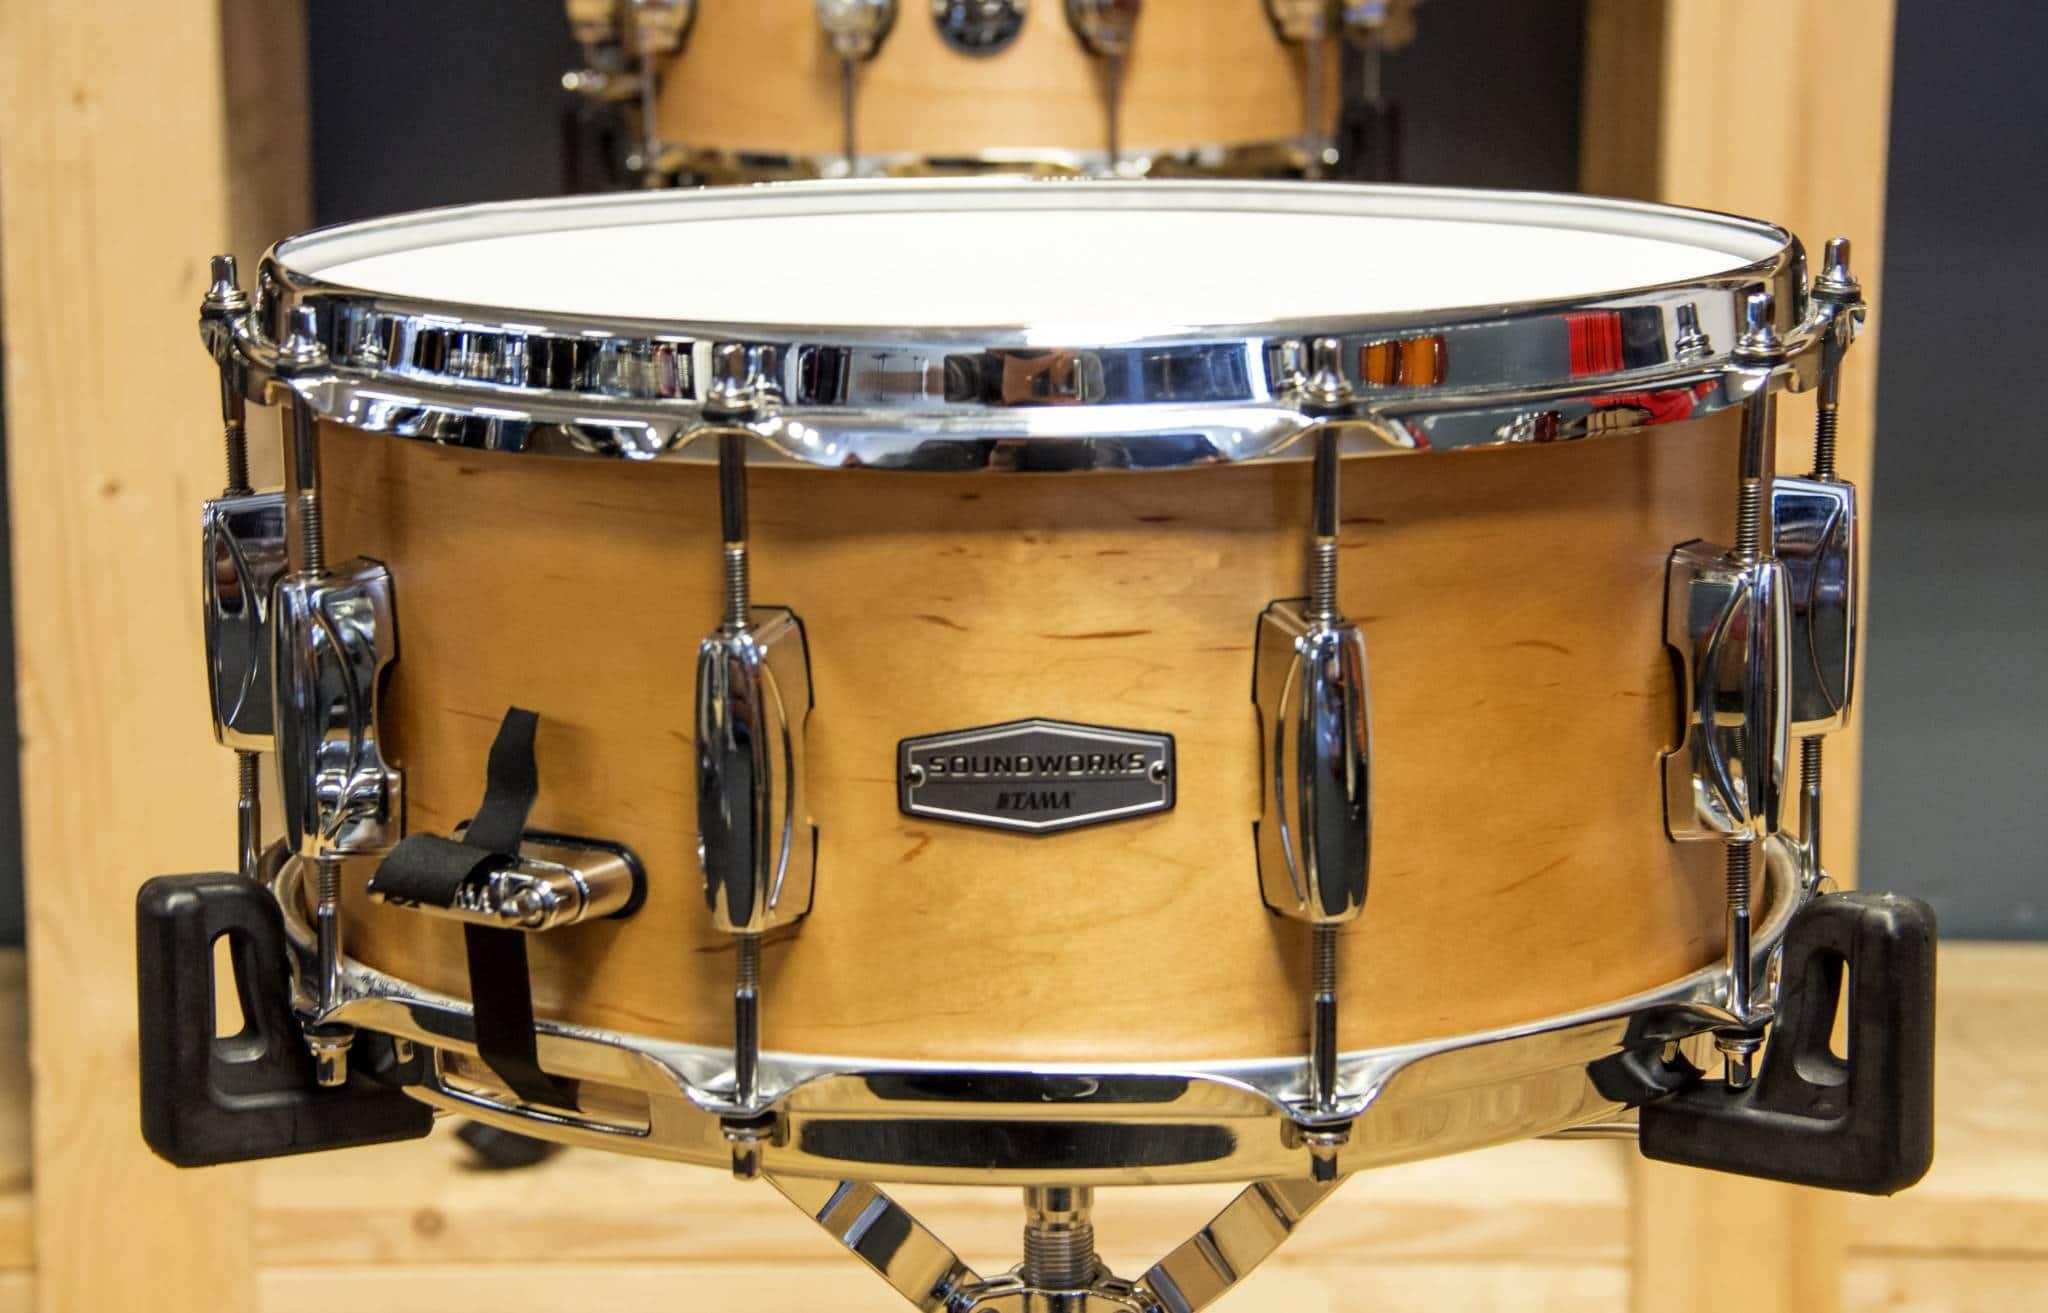 Tama DMP1465 Soundworks Maple snaredrum